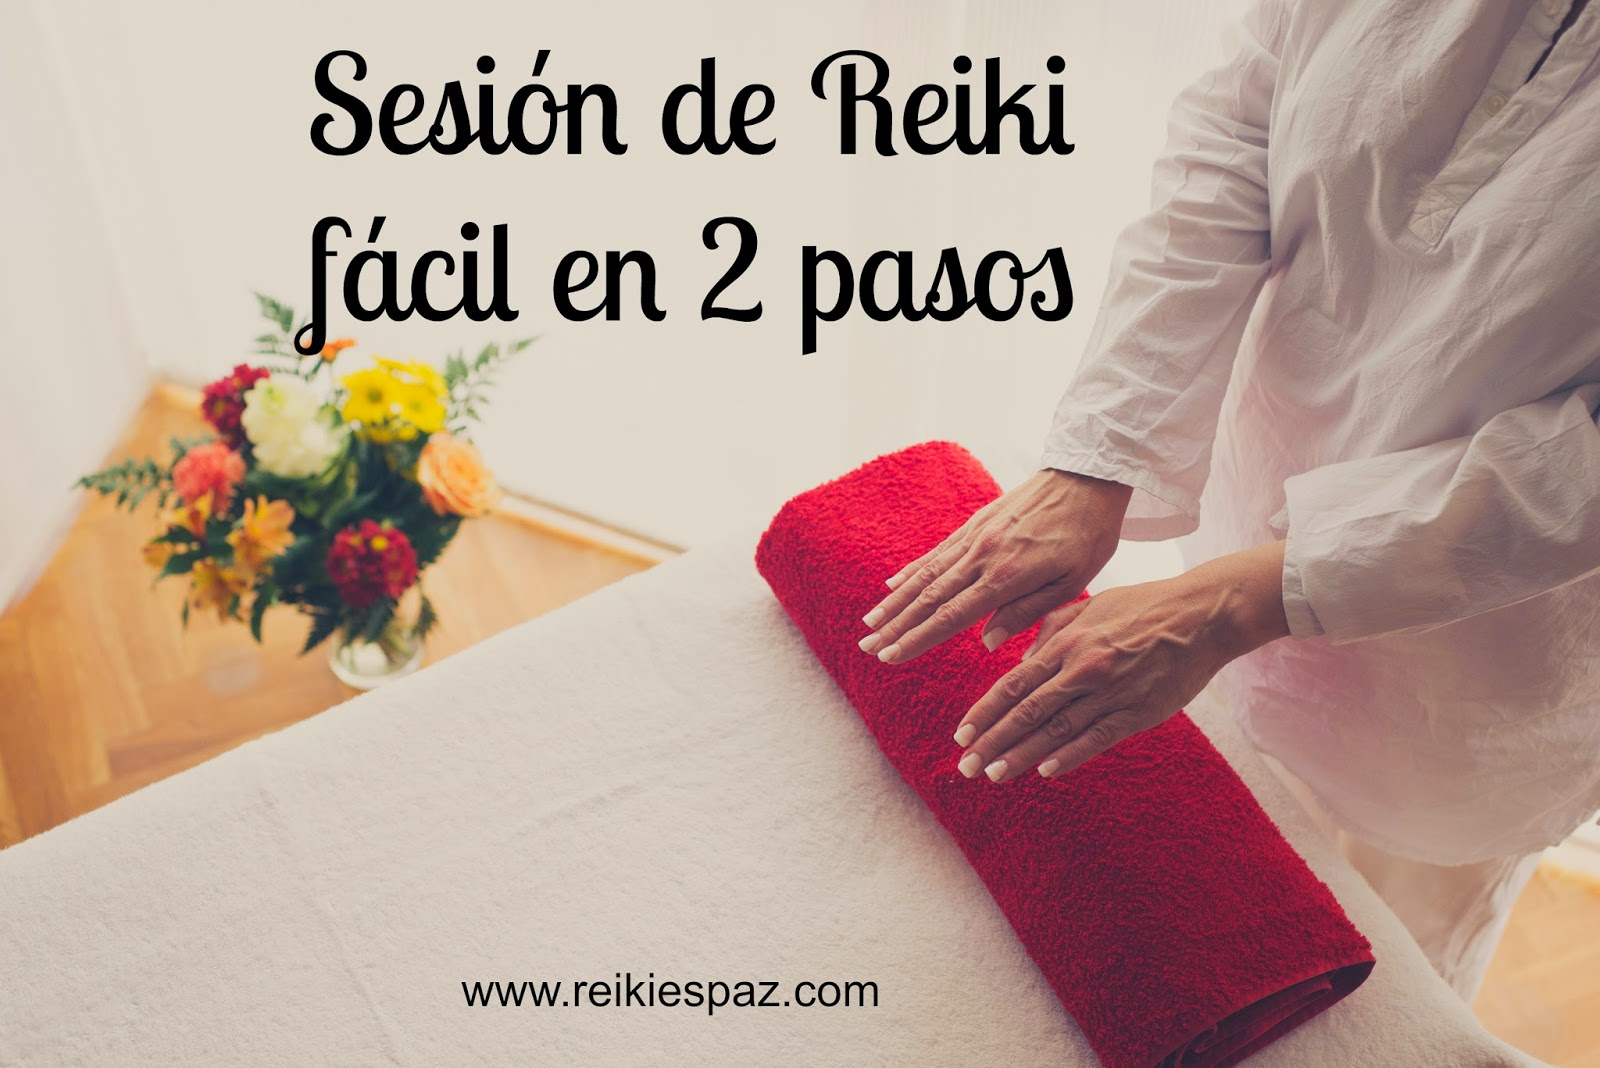 Sesión Reiki fácil en 2 pasos